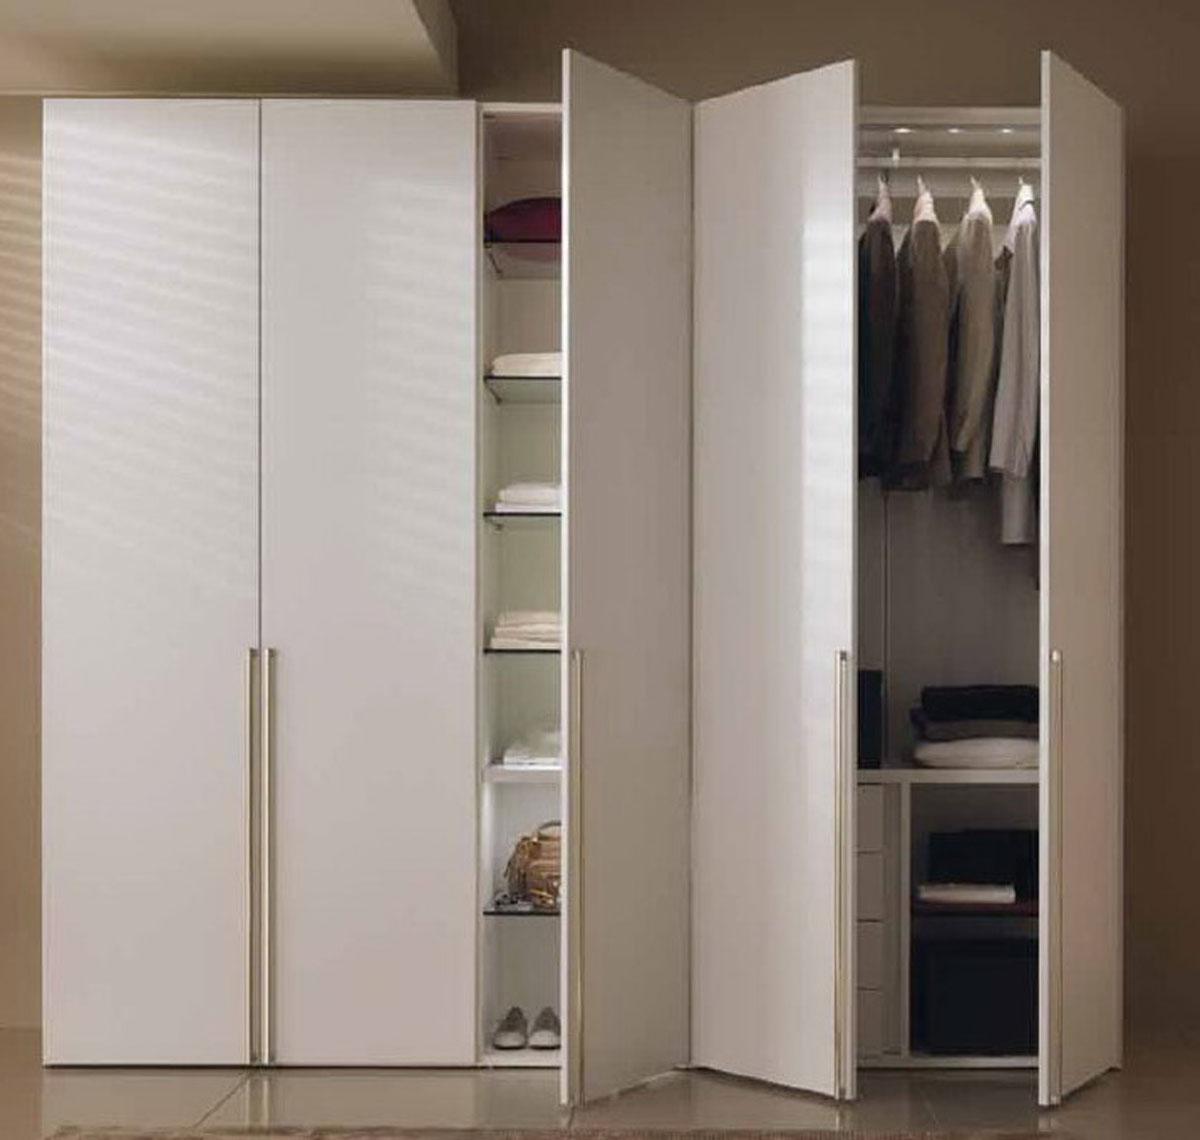 Шкаф с распашными дверями на заказ.